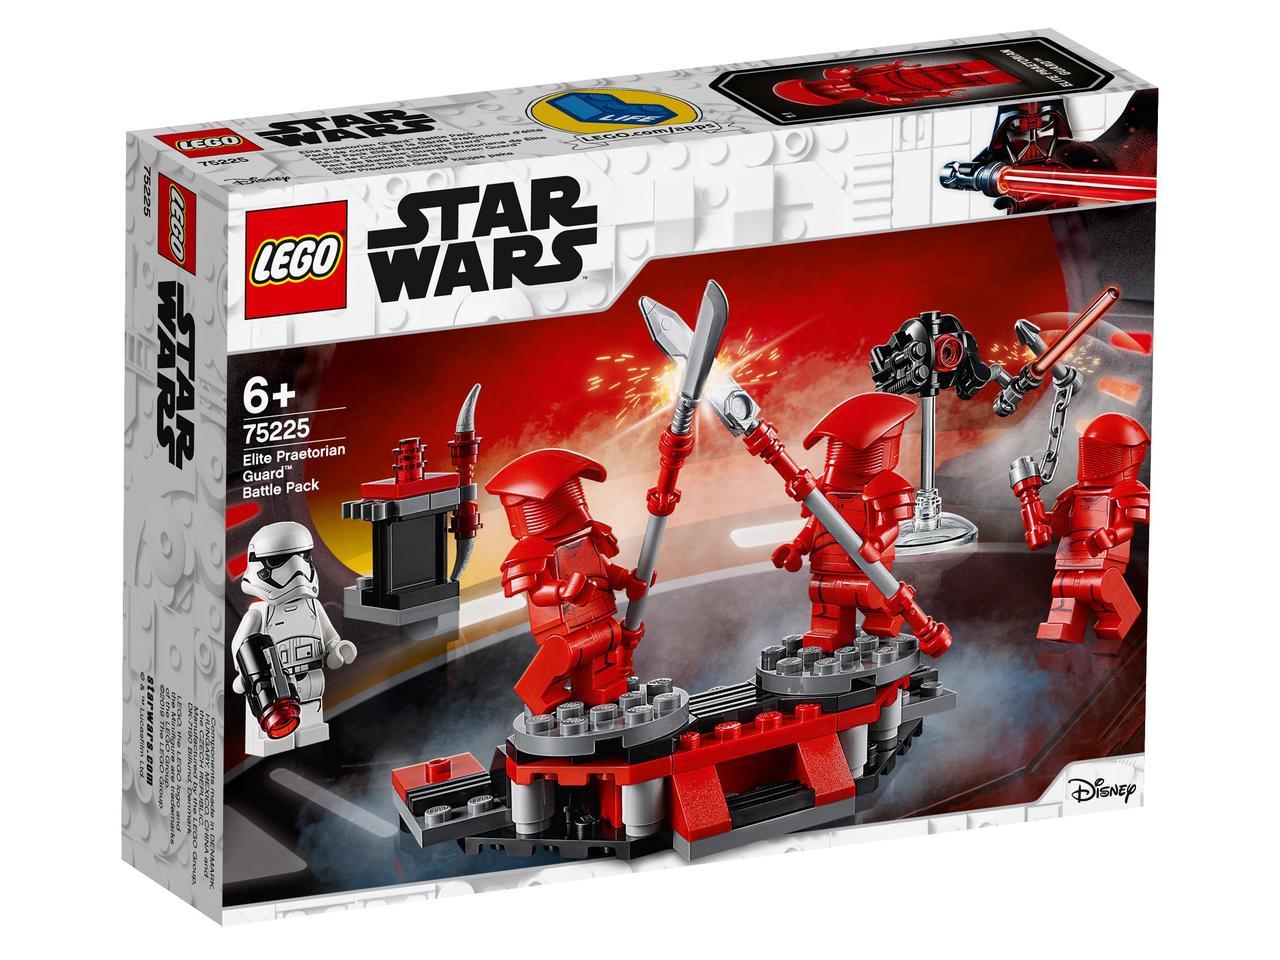 75225 Lego Star Wars Боевой набор Элитной преторианской гвардии™, Лего Звездные войны